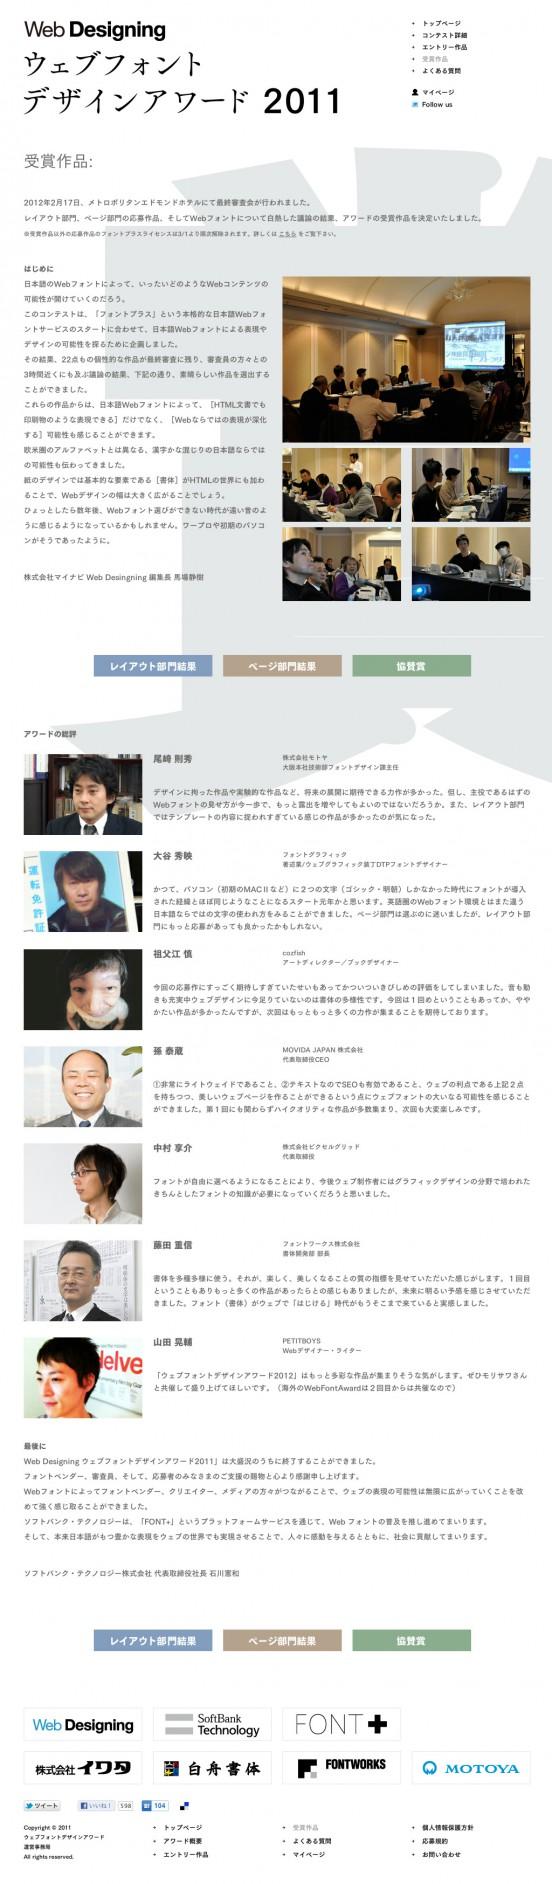 Web Designing ウェブフォントデザインアワード2011_2